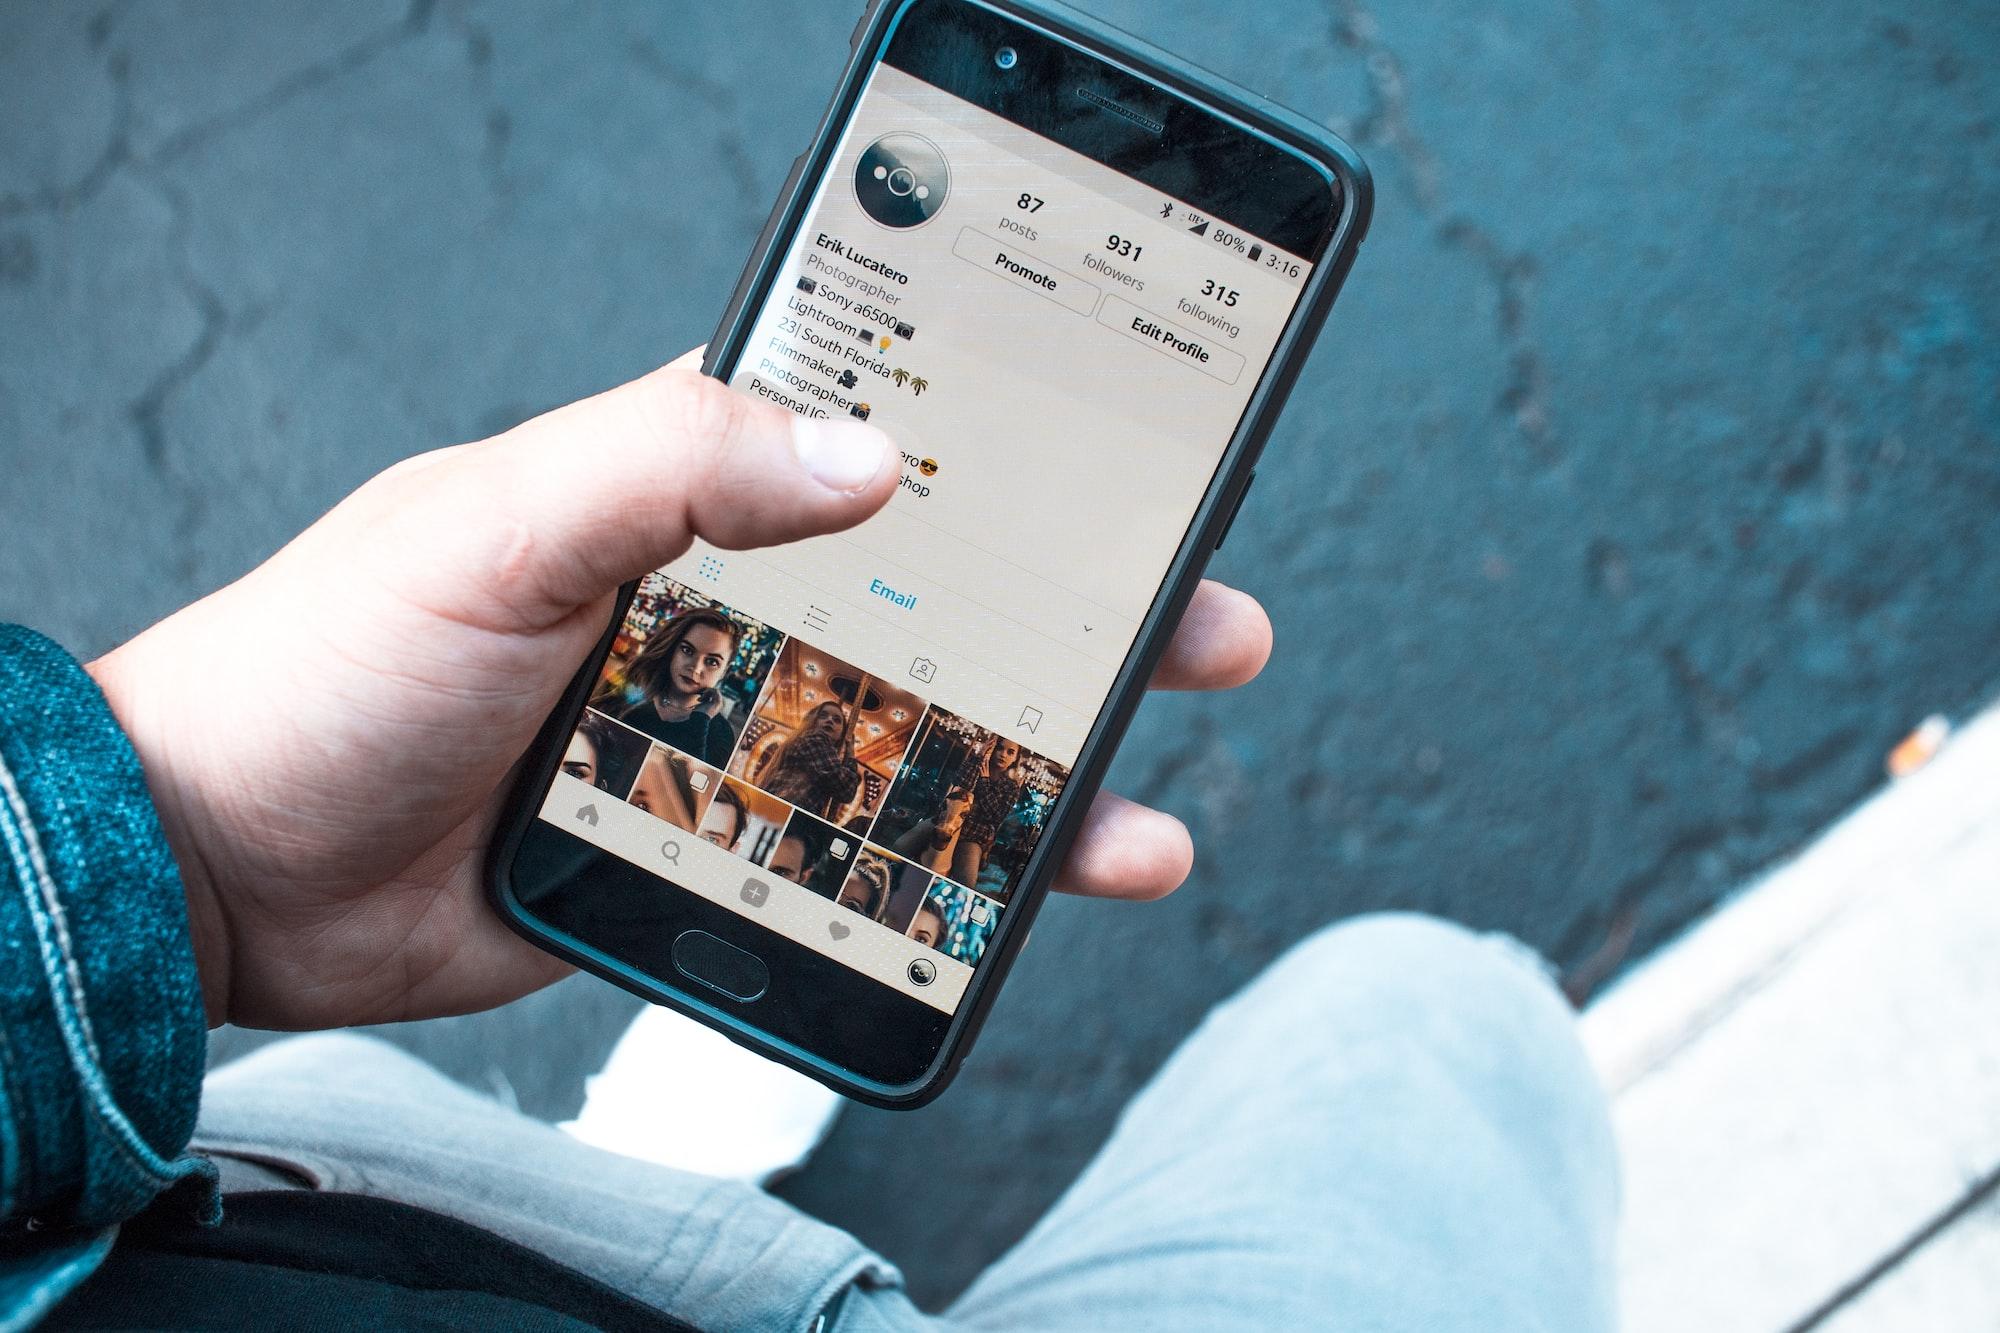 Quelle est la valeur des vues de vidéos sur Instagram ?